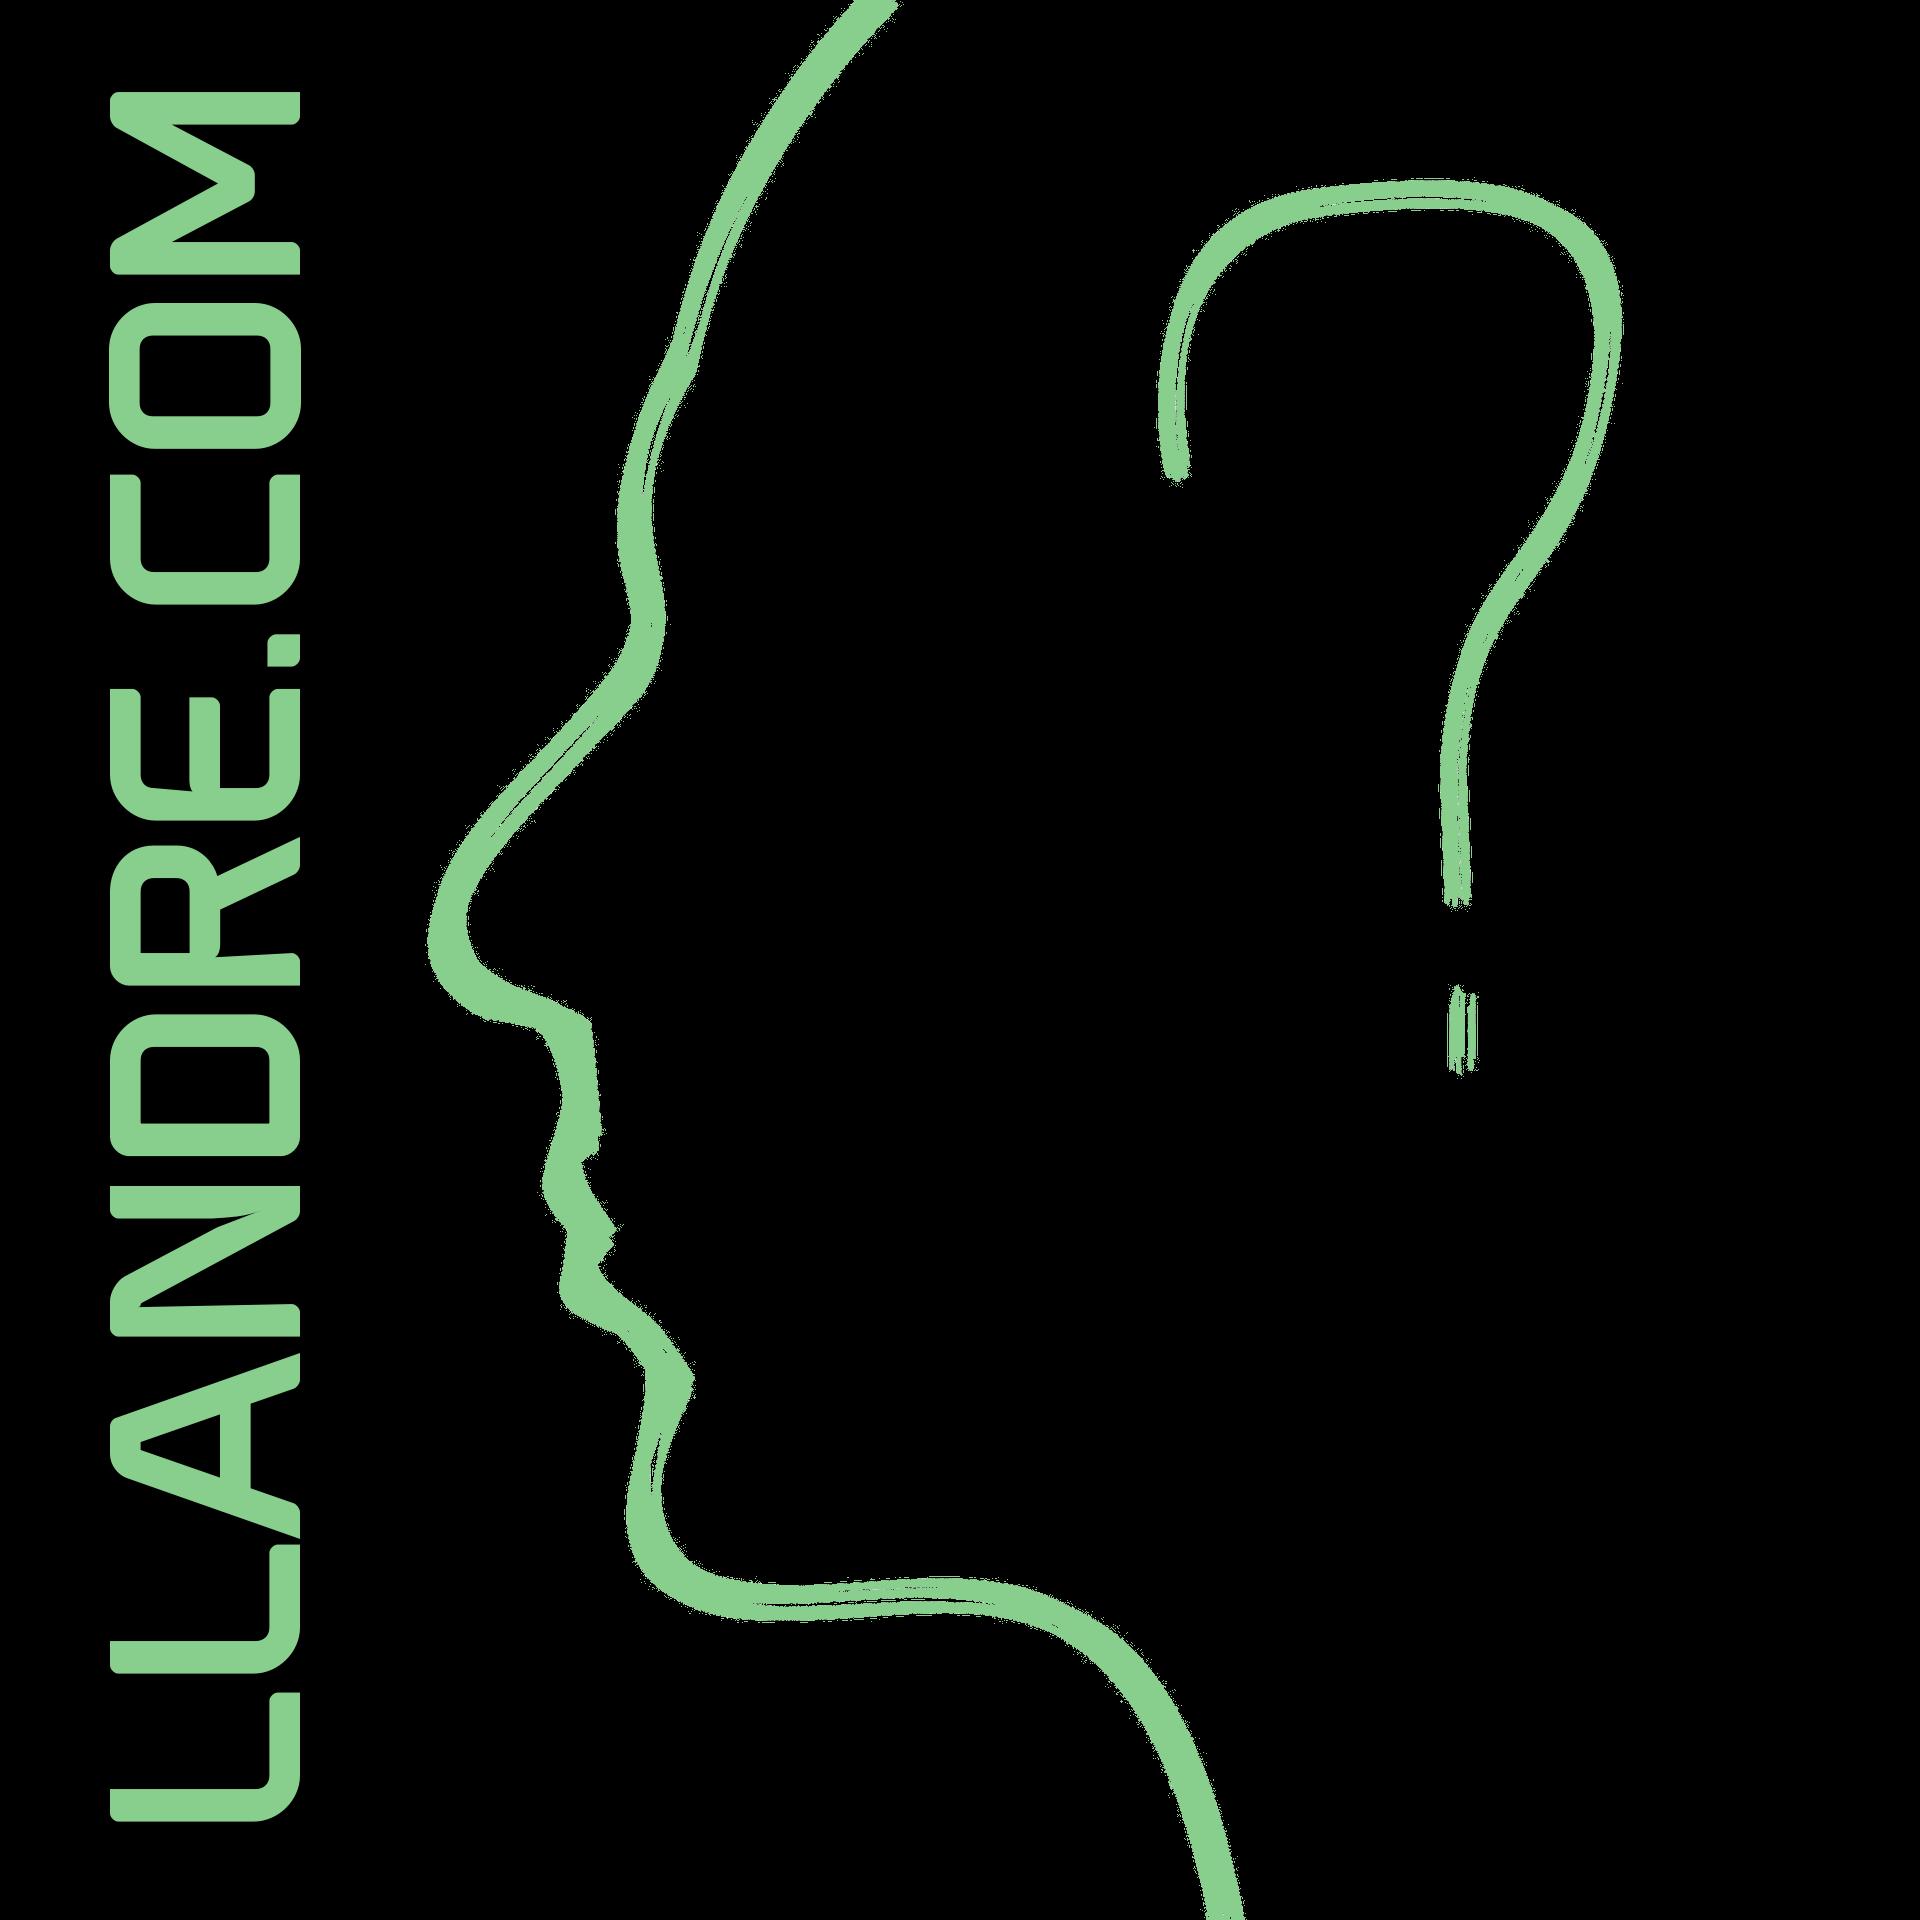 LLANDRE.COM